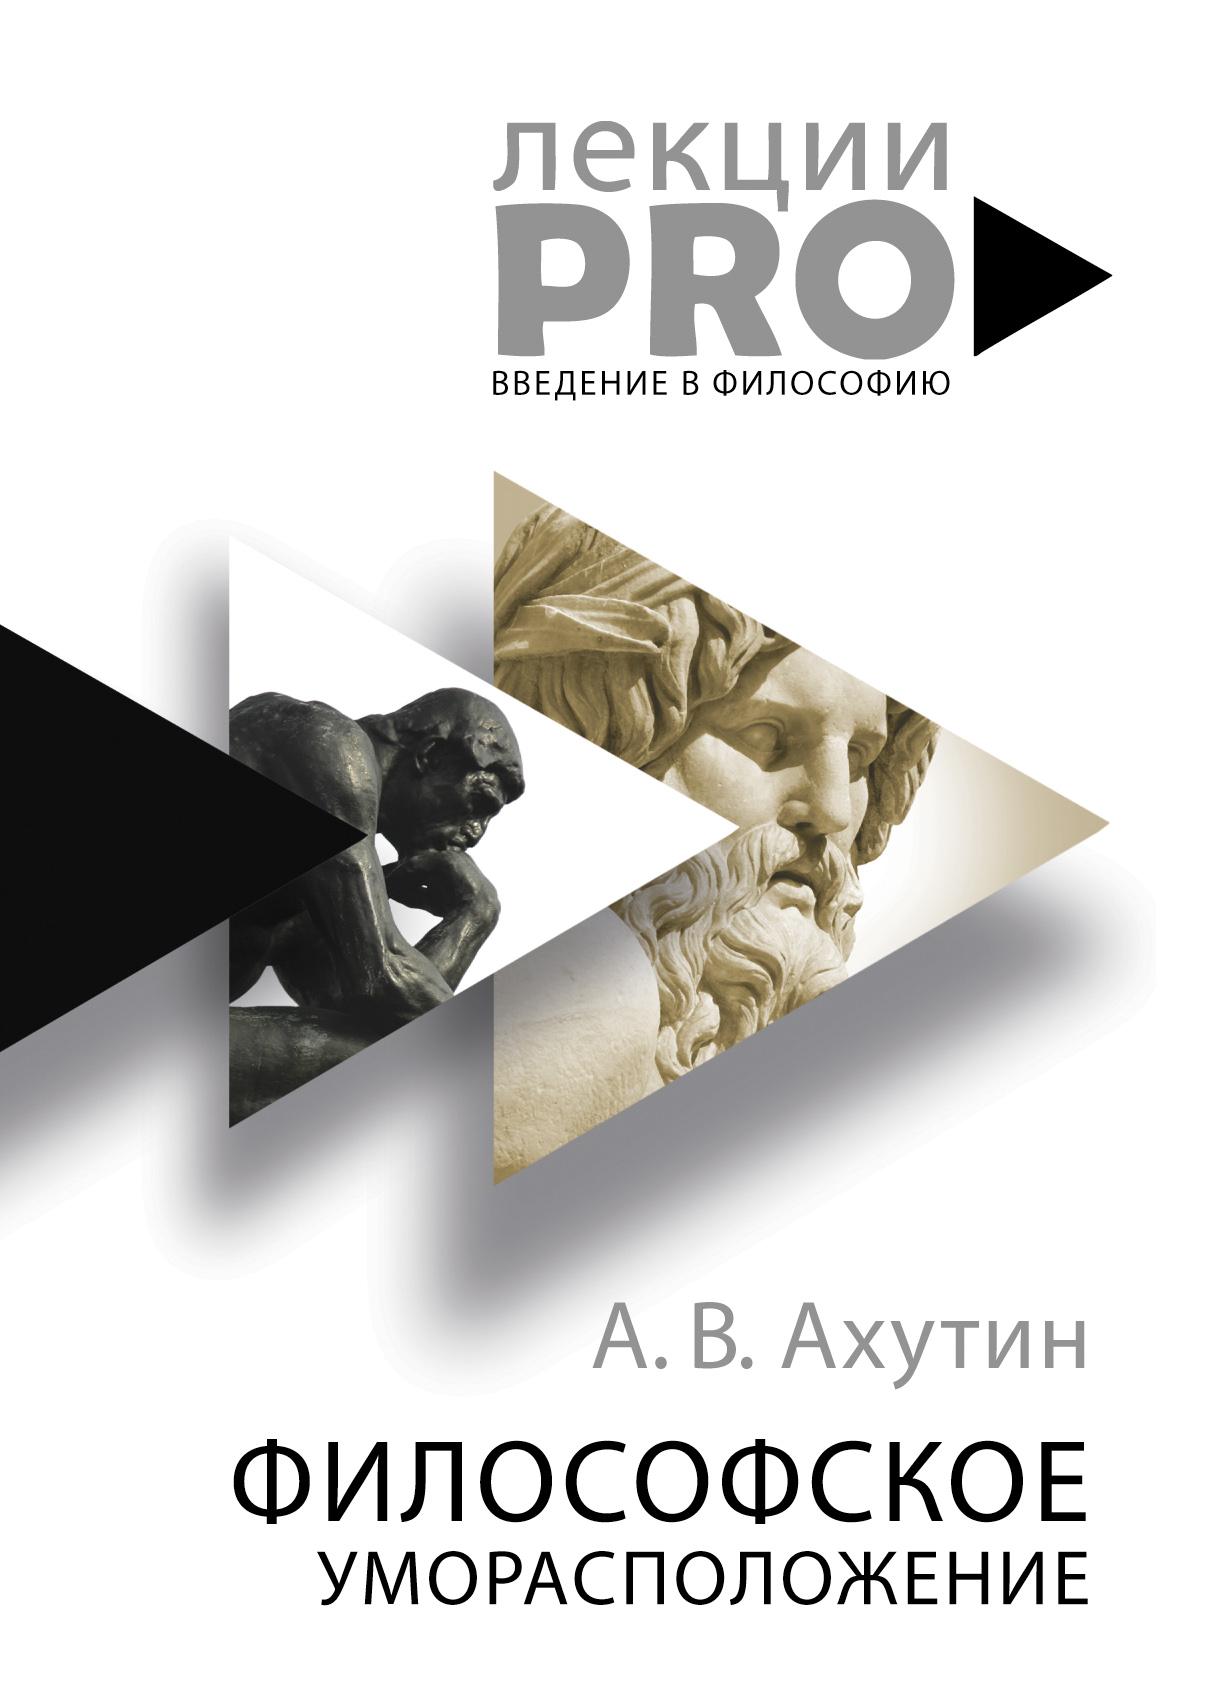 А. В. Ахутин Философское уморасположение. Курс лекций по введению в философию